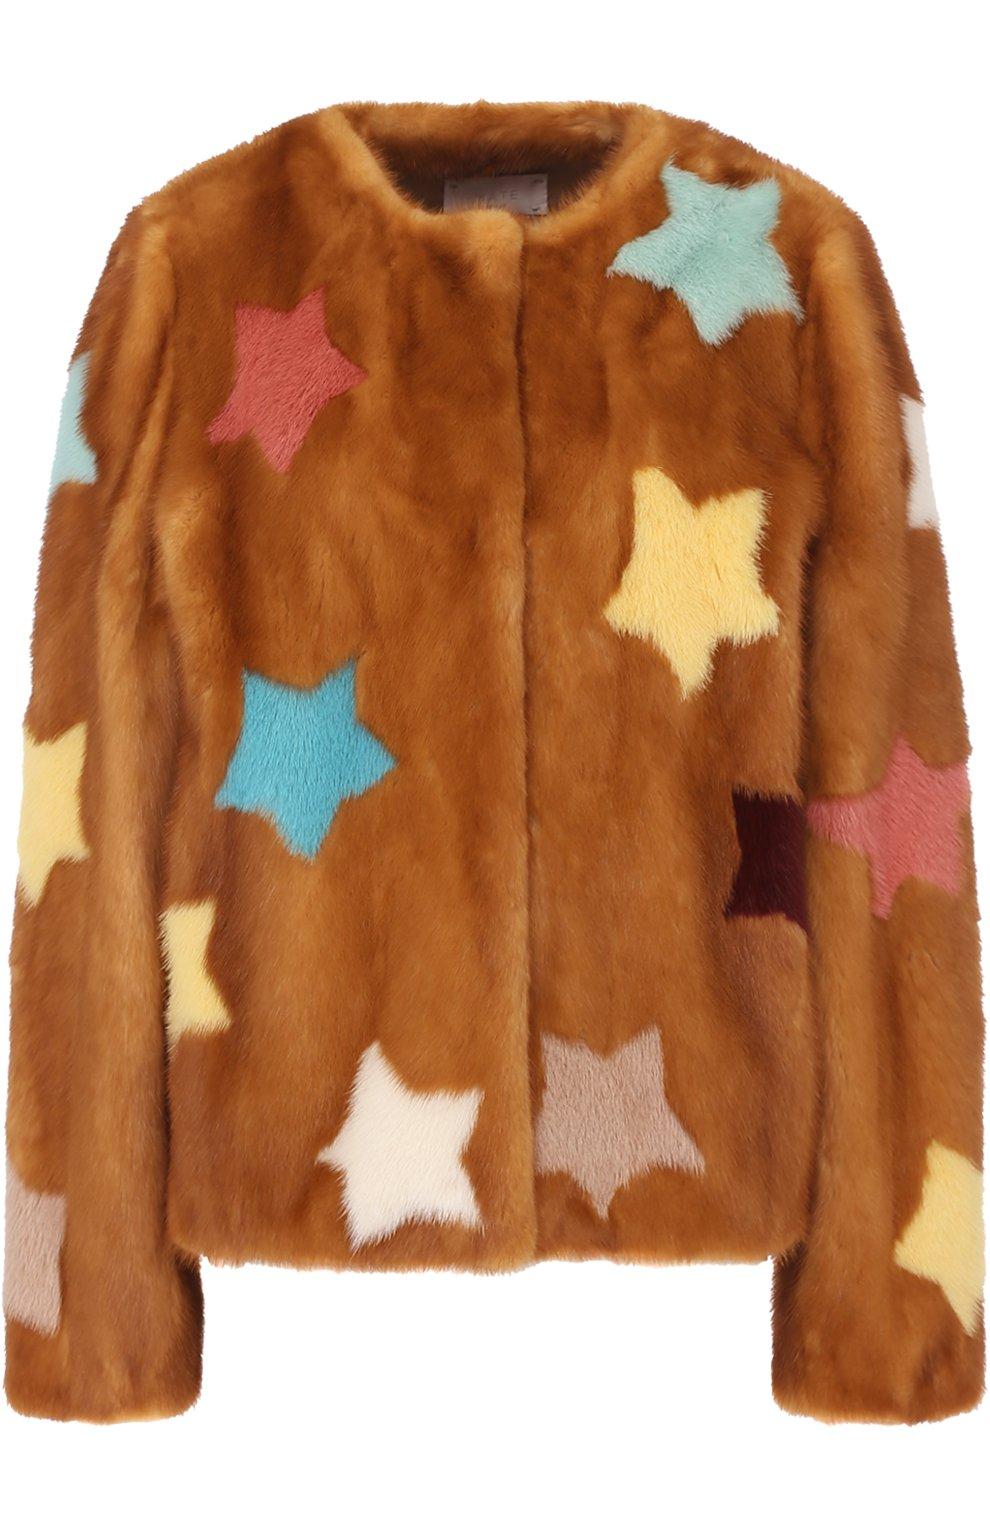 191a8ab5de6c Фото Женская коричневая укороченная шуба из меха норки с принтом в виде  звезд MATE OFFICIAL Италия